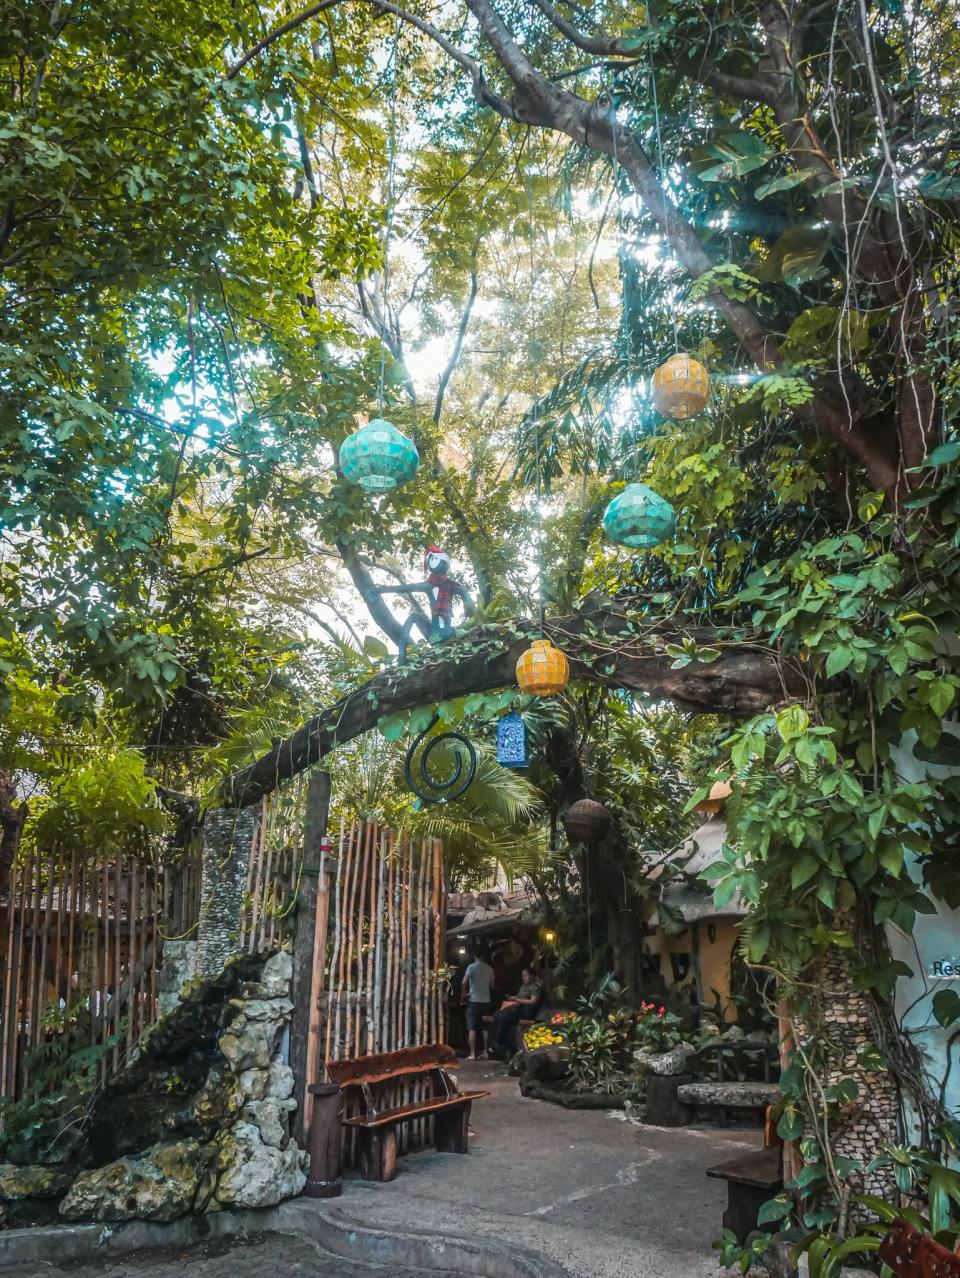 La Cueva del Chango à Playa del Carmen - Roadtrip 10 jours au Mexique - Blog Voyage Ma Folie Vagabonde